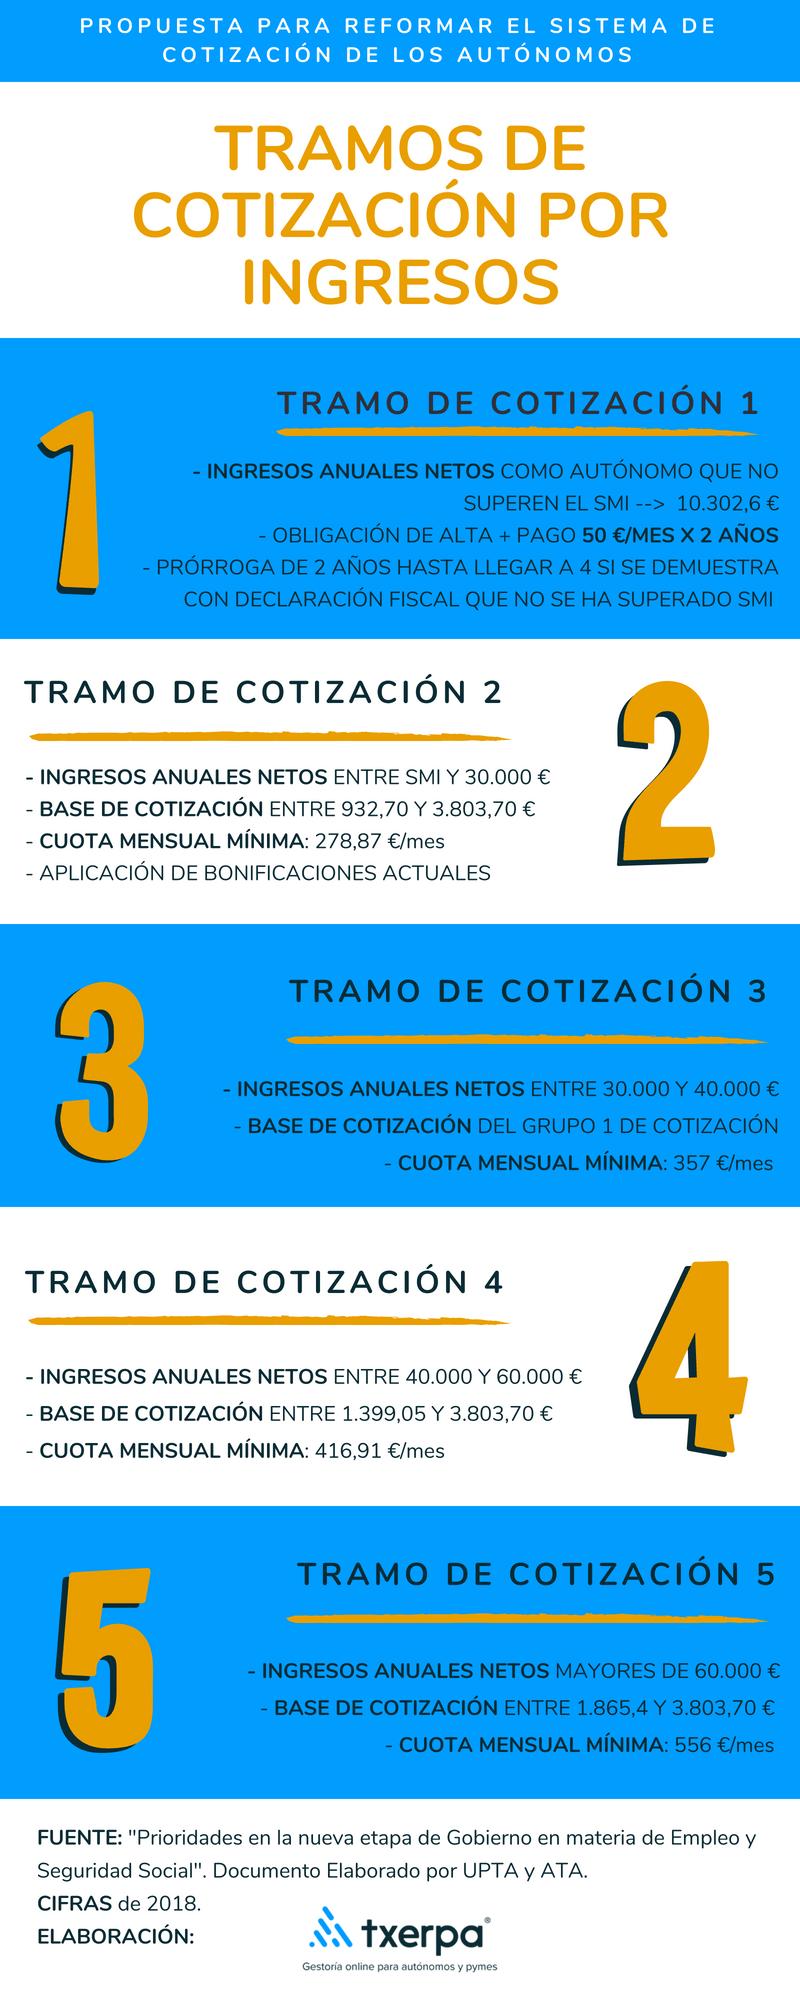 tramos_cotizacion_por_ingresos_reales_autonomos_txerpa.png